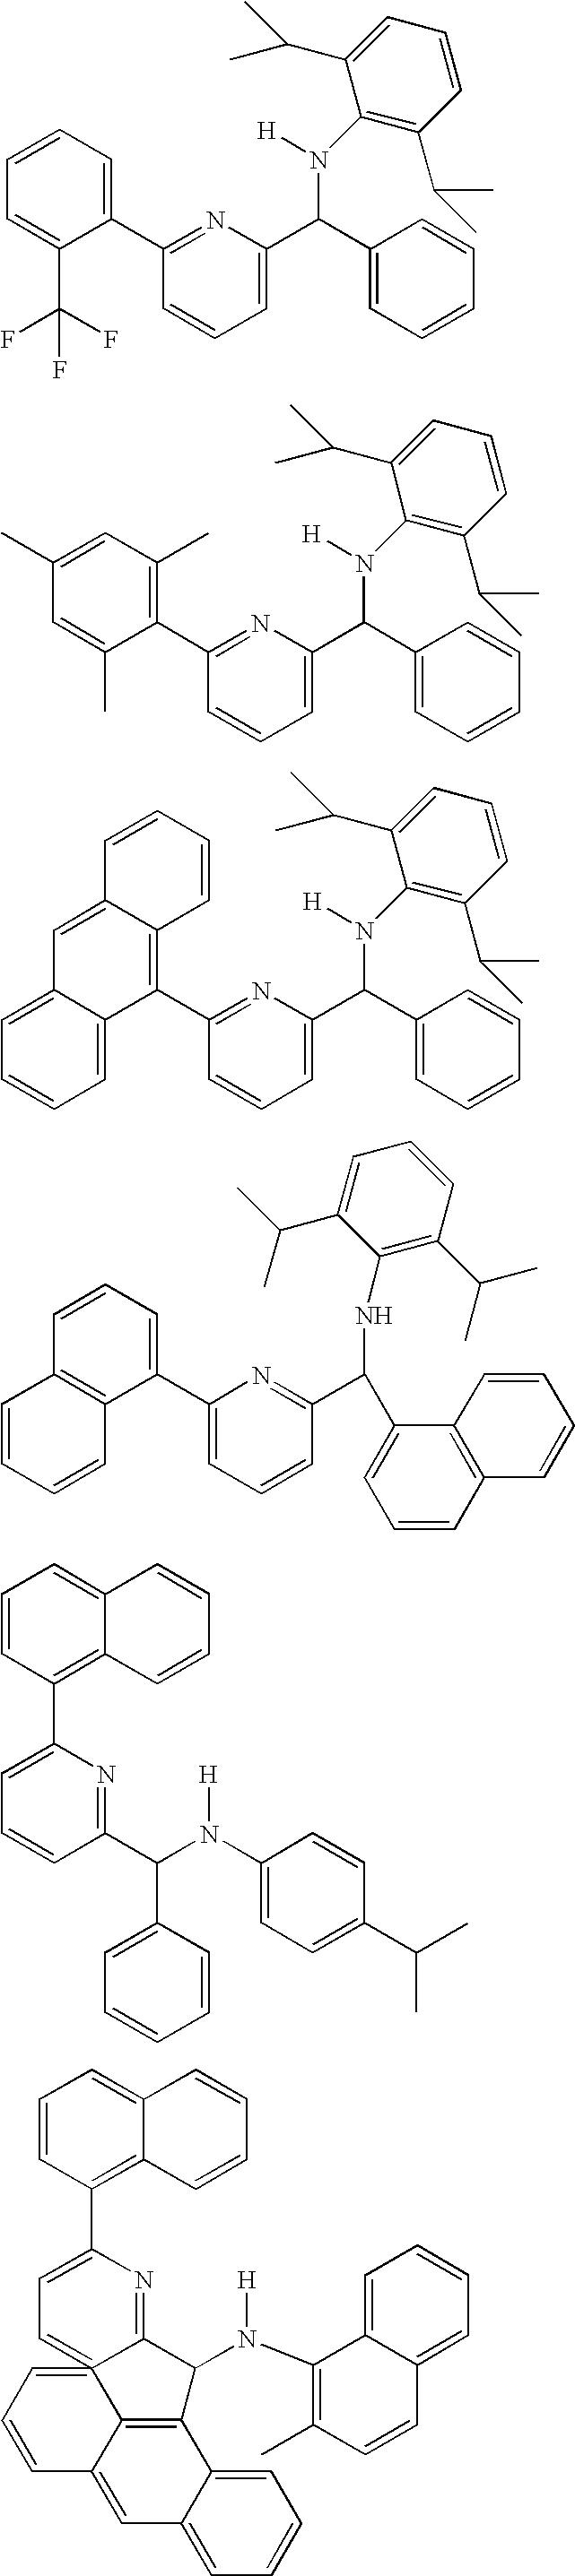 Figure US06900321-20050531-C00037